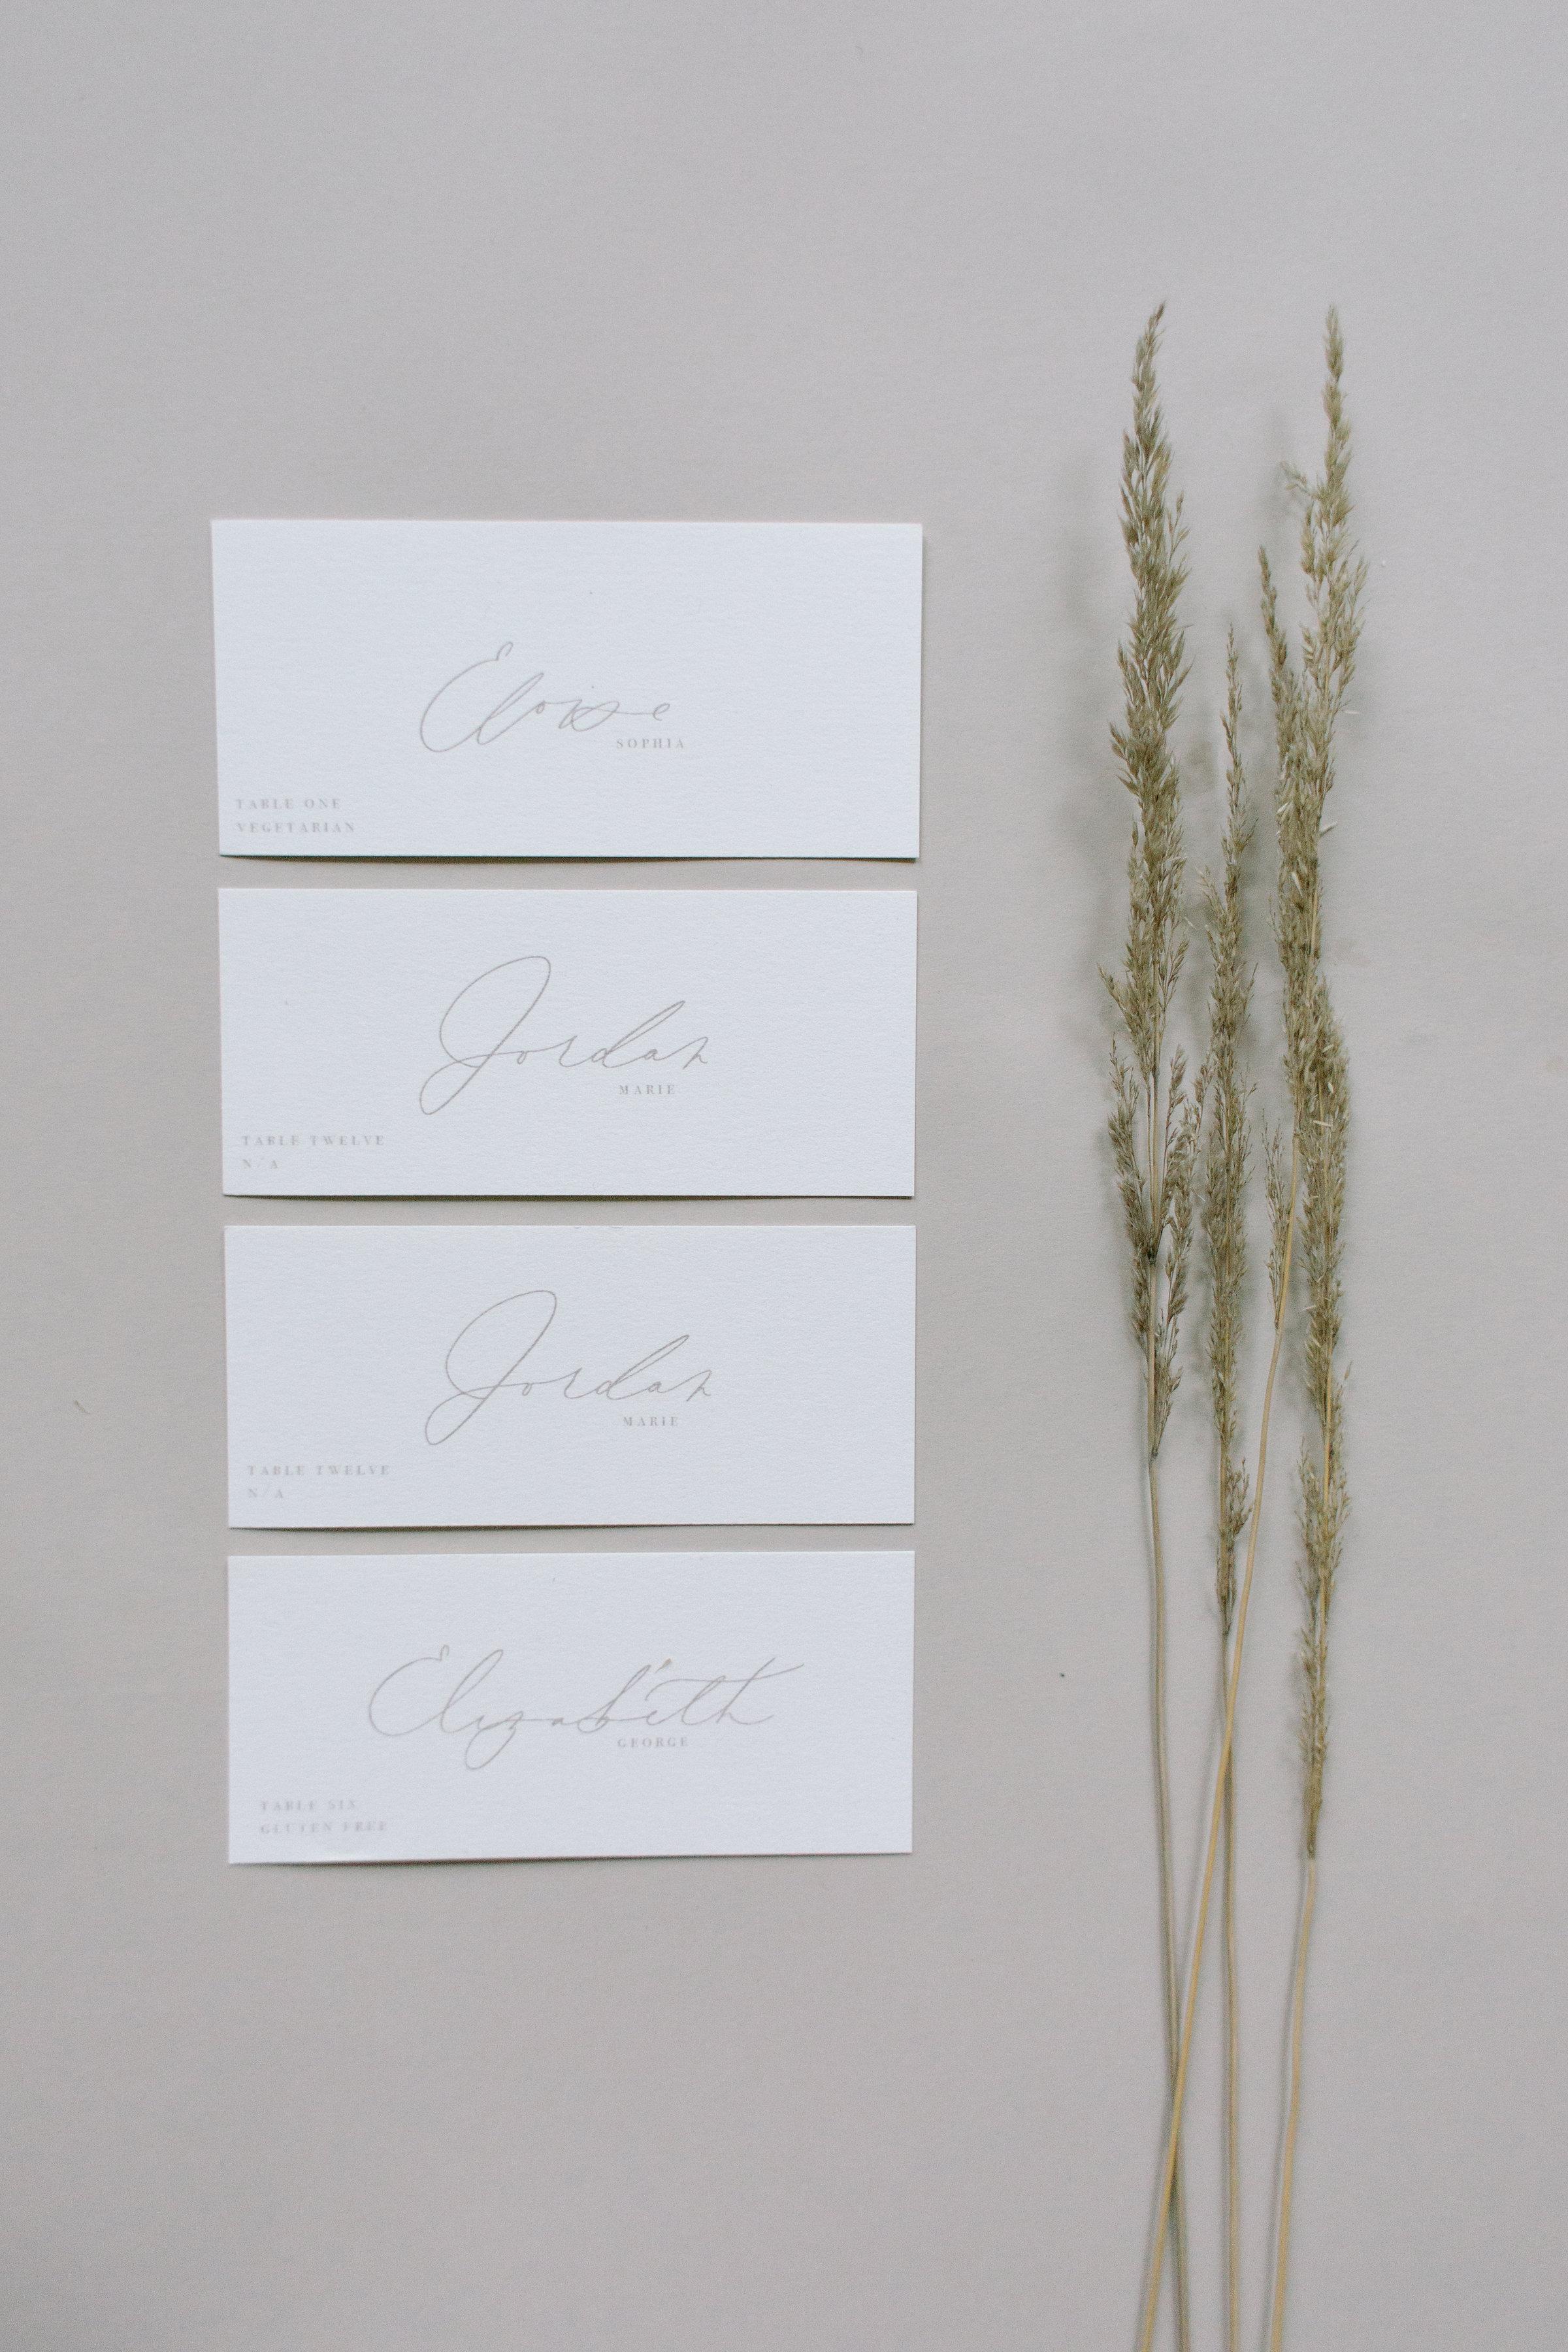 ESCORT CARDS -